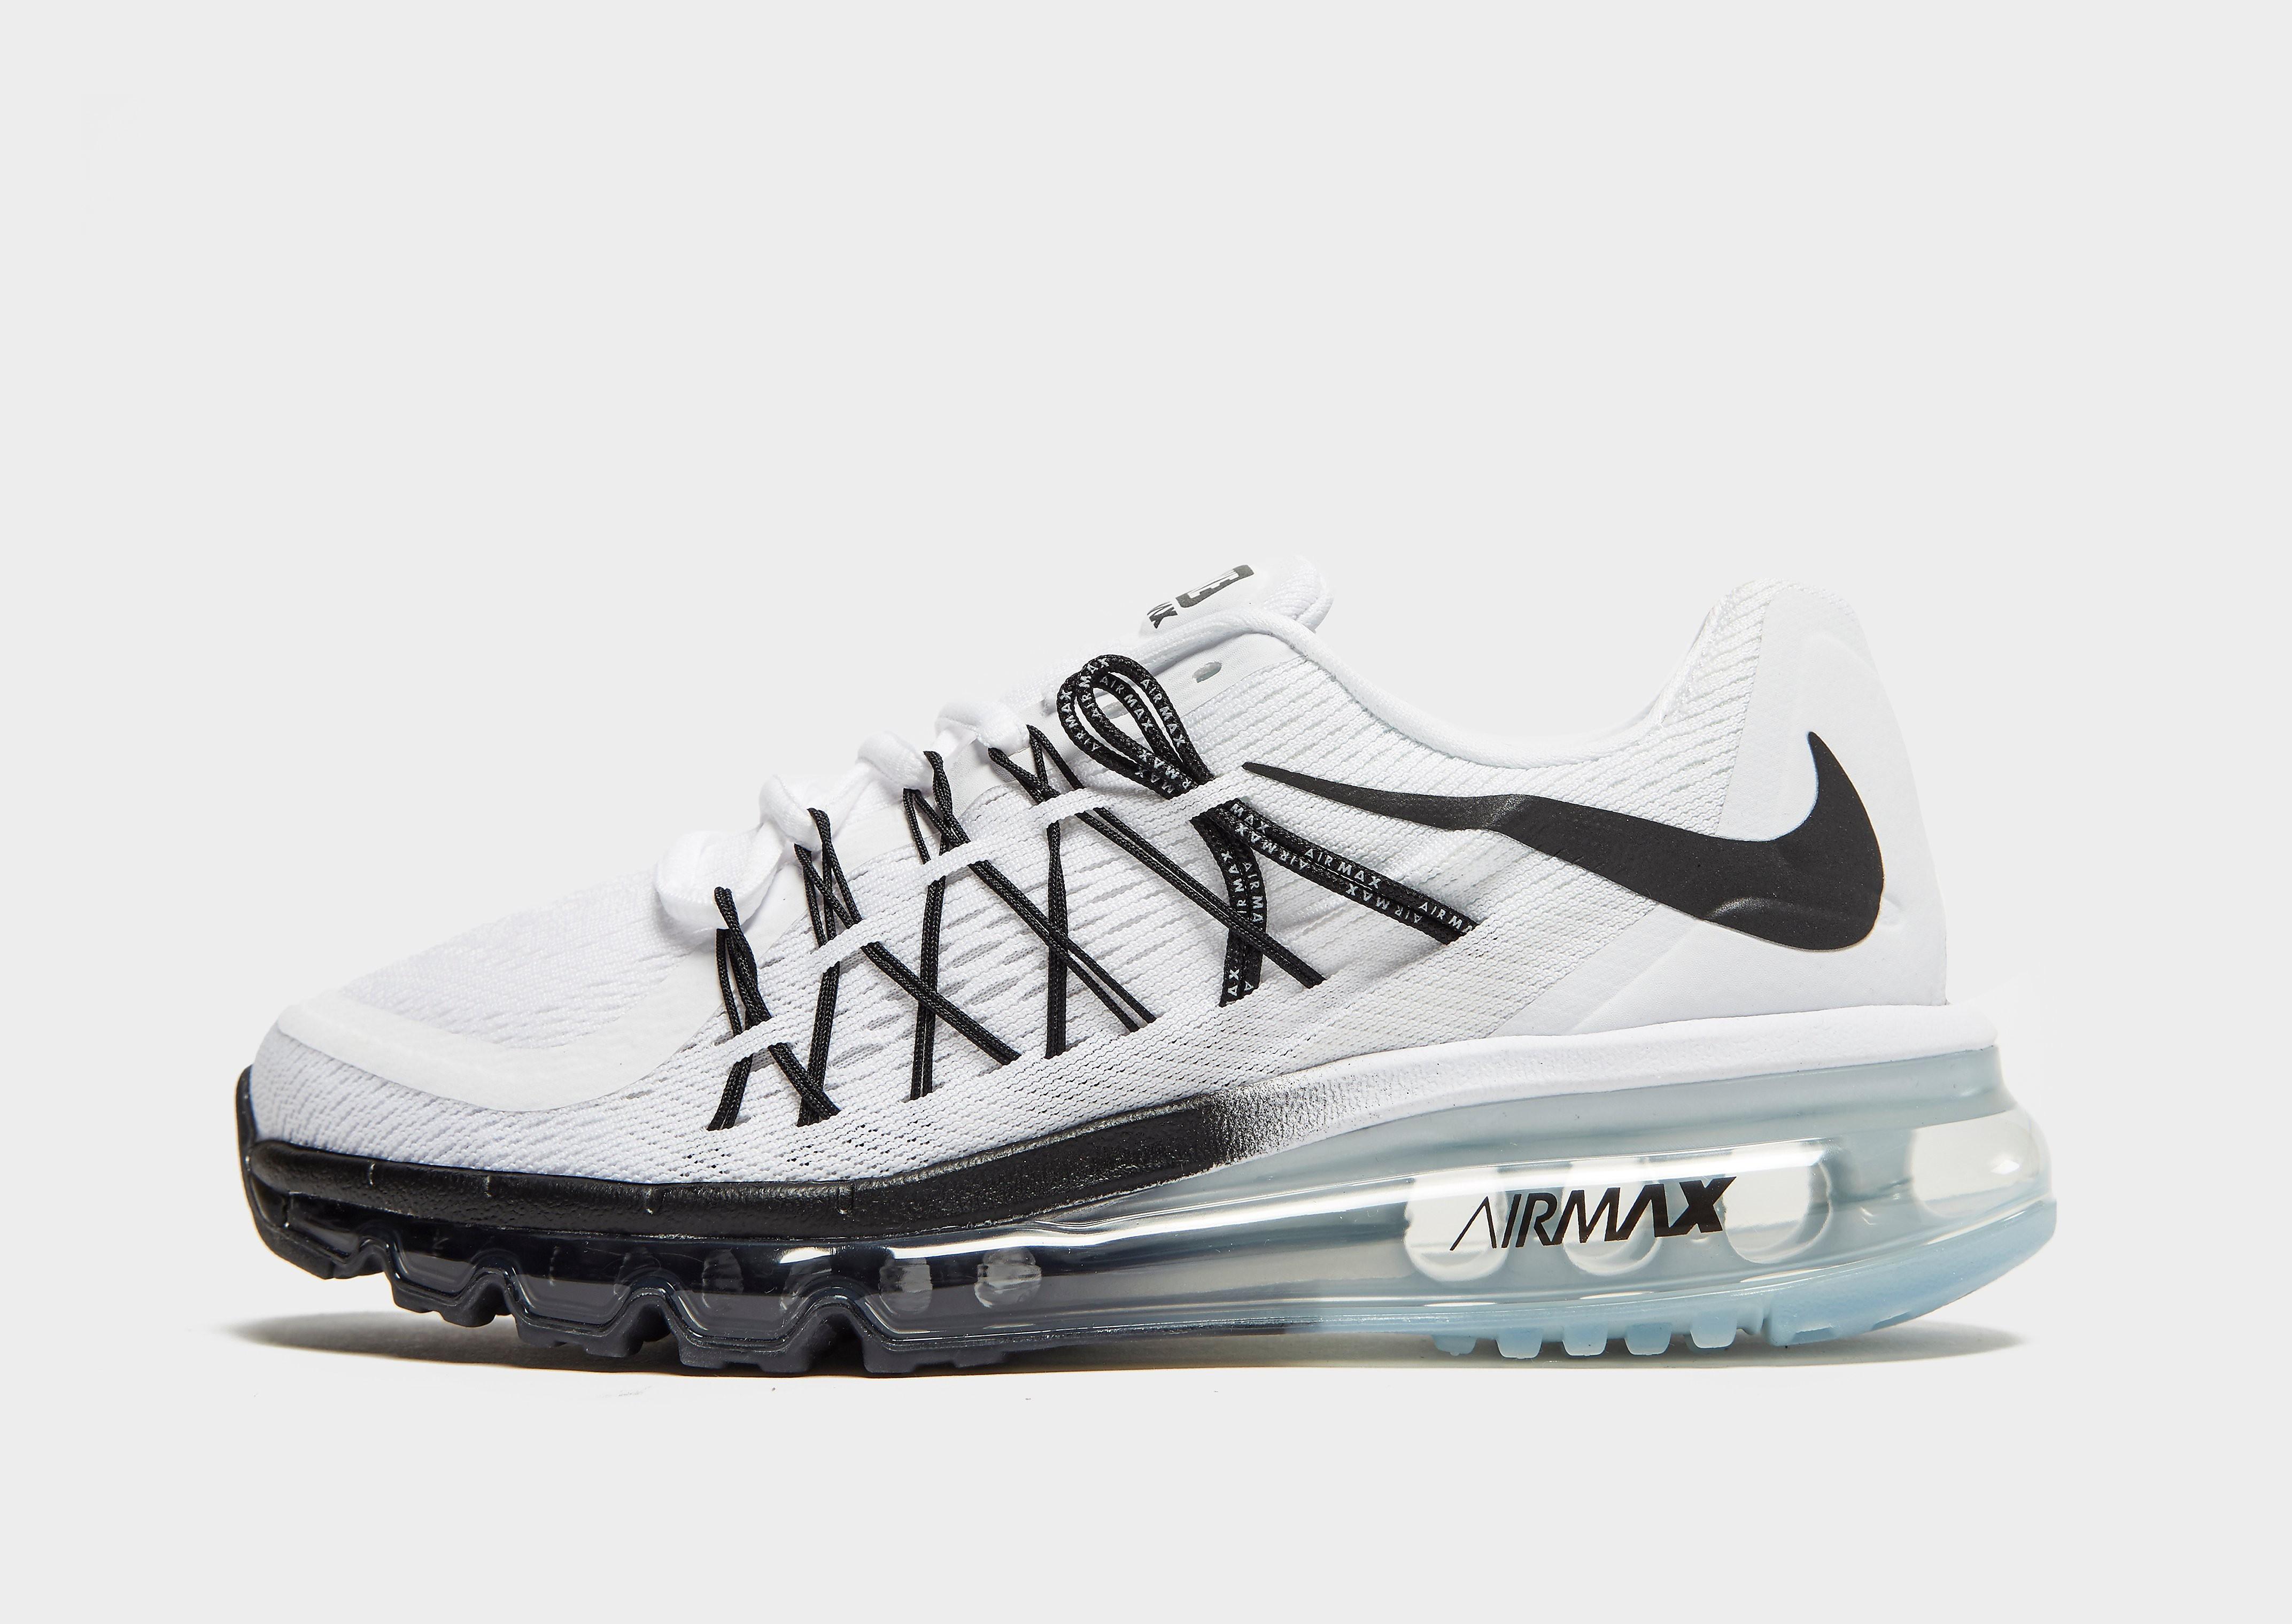 Nike Air Max 2015 kindersneaker wit en zwart